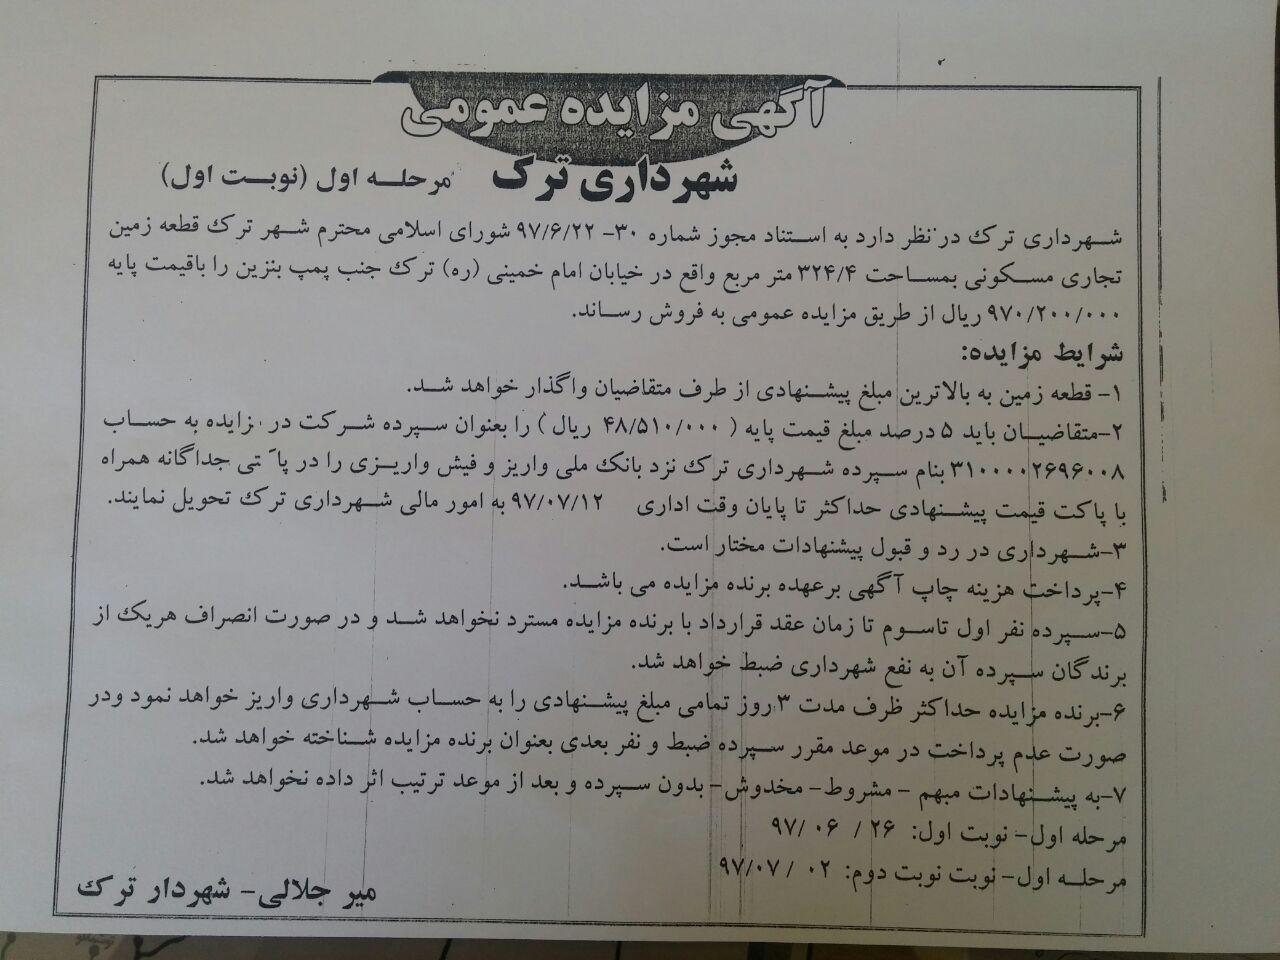 آگهی مزایده عمومی یک قطعه زمین تجاری مسکونی شهرداری ترک